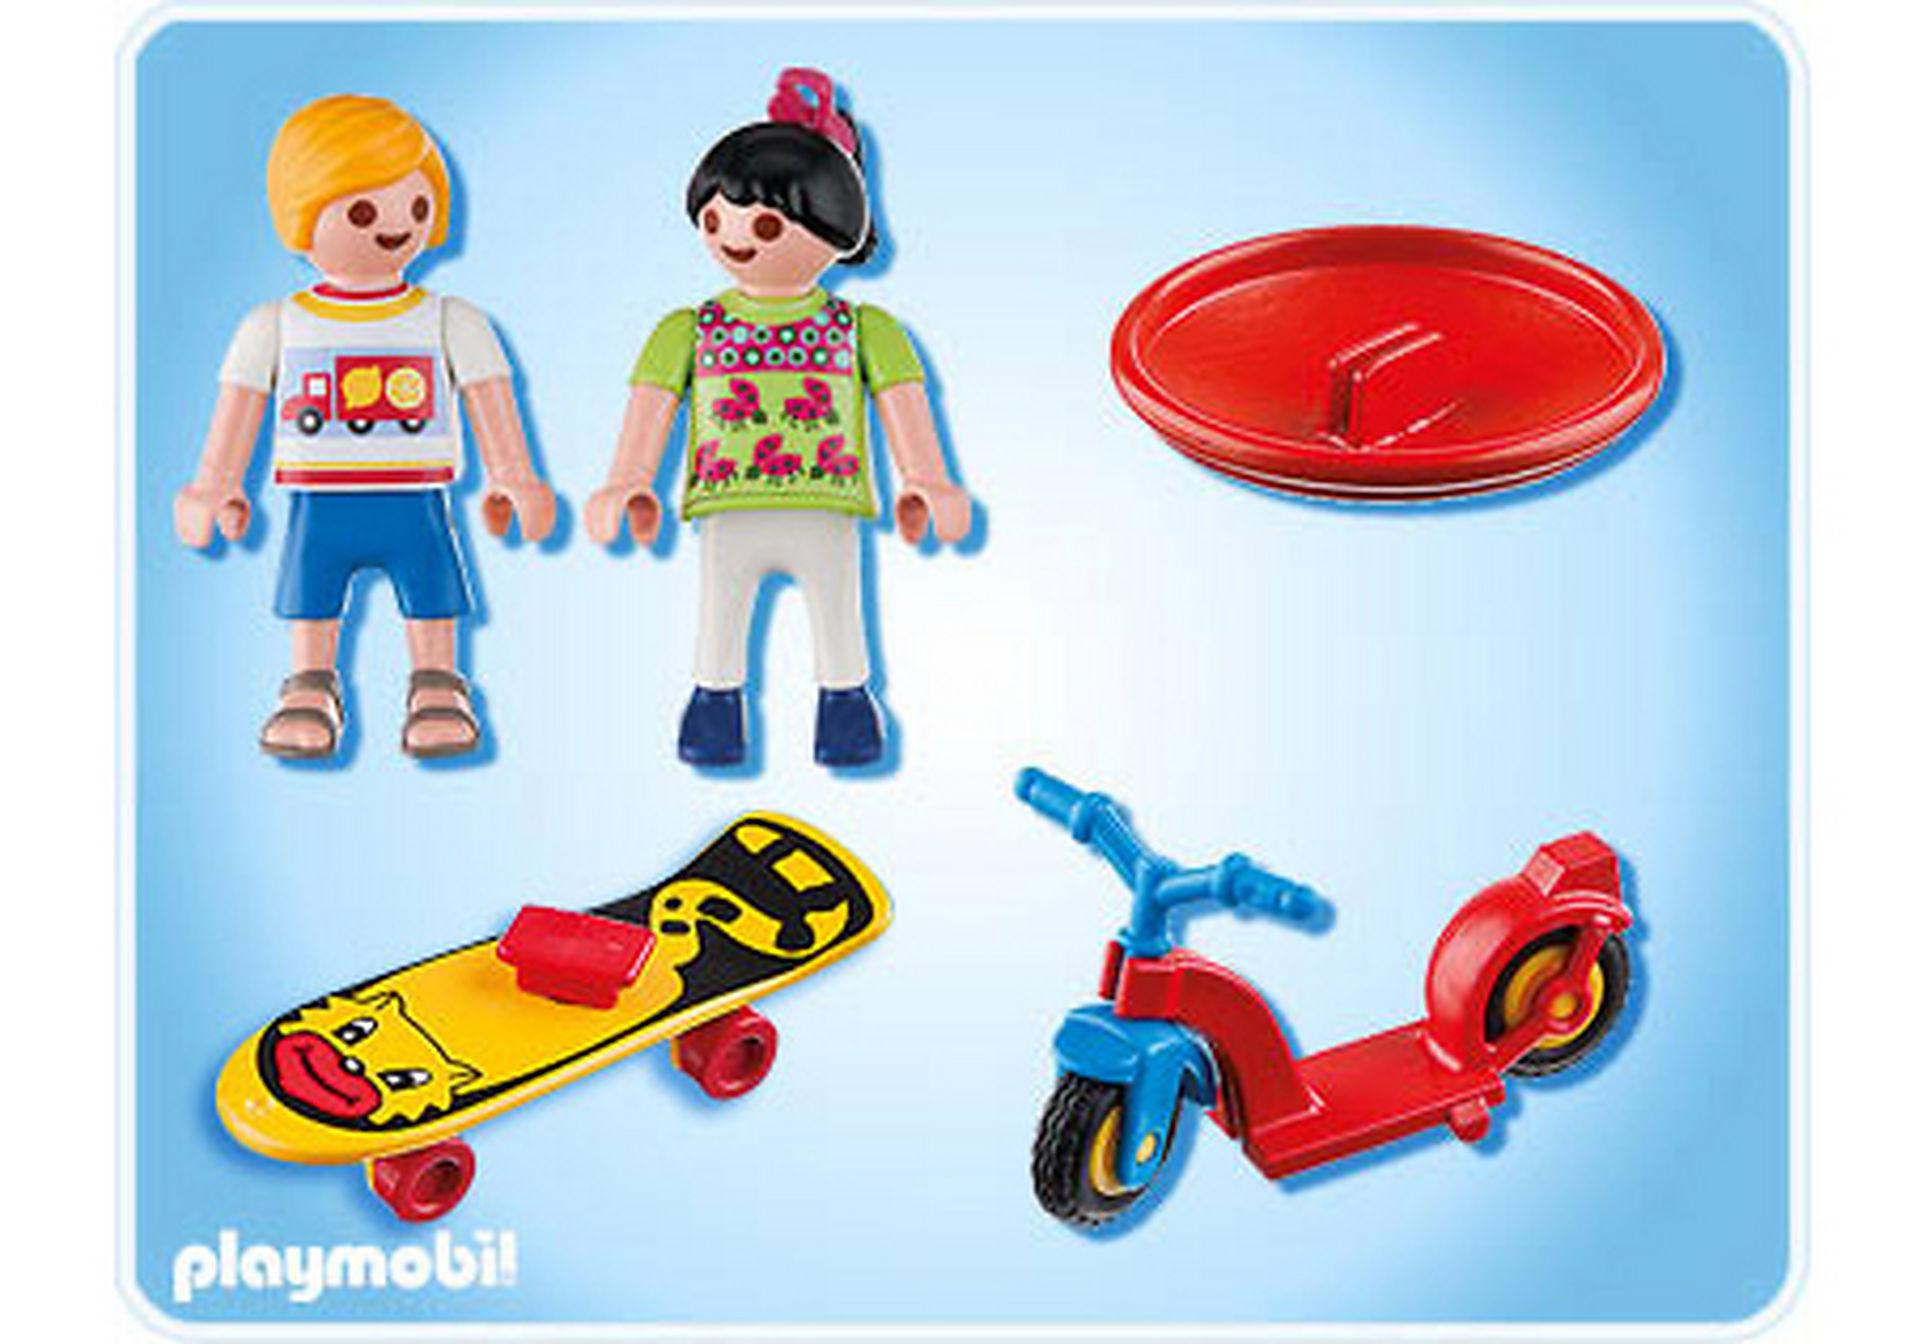 4764-A 2 Kinder mit Spielgeräten zoom image2